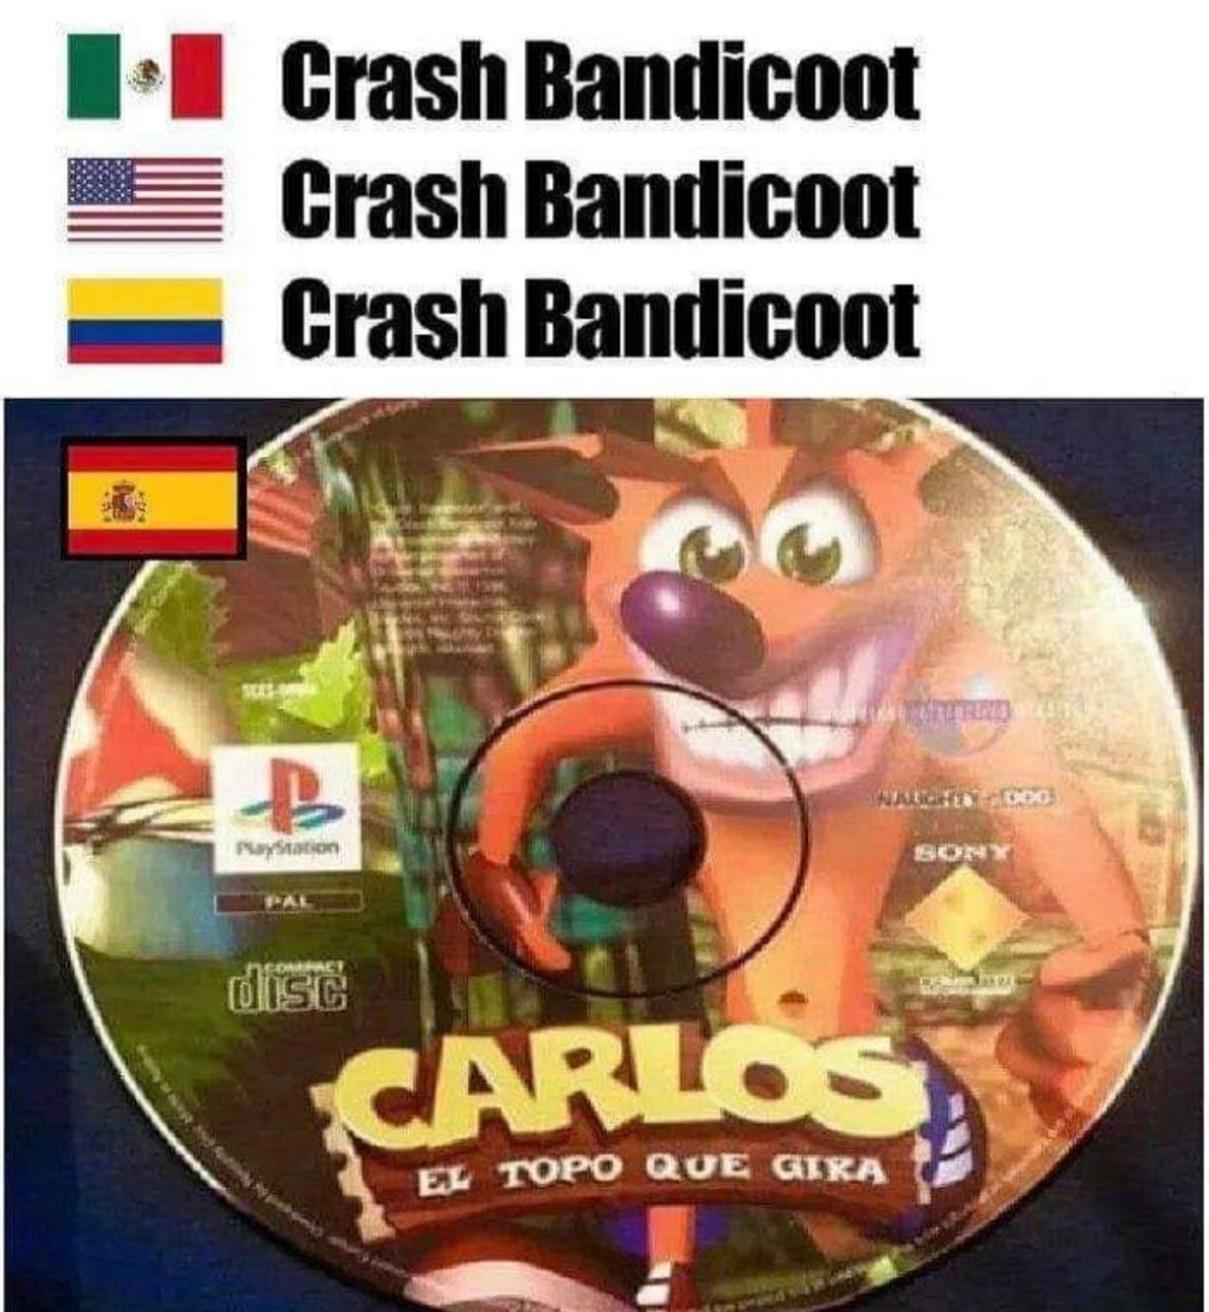 Carlos el topo que gira - meme